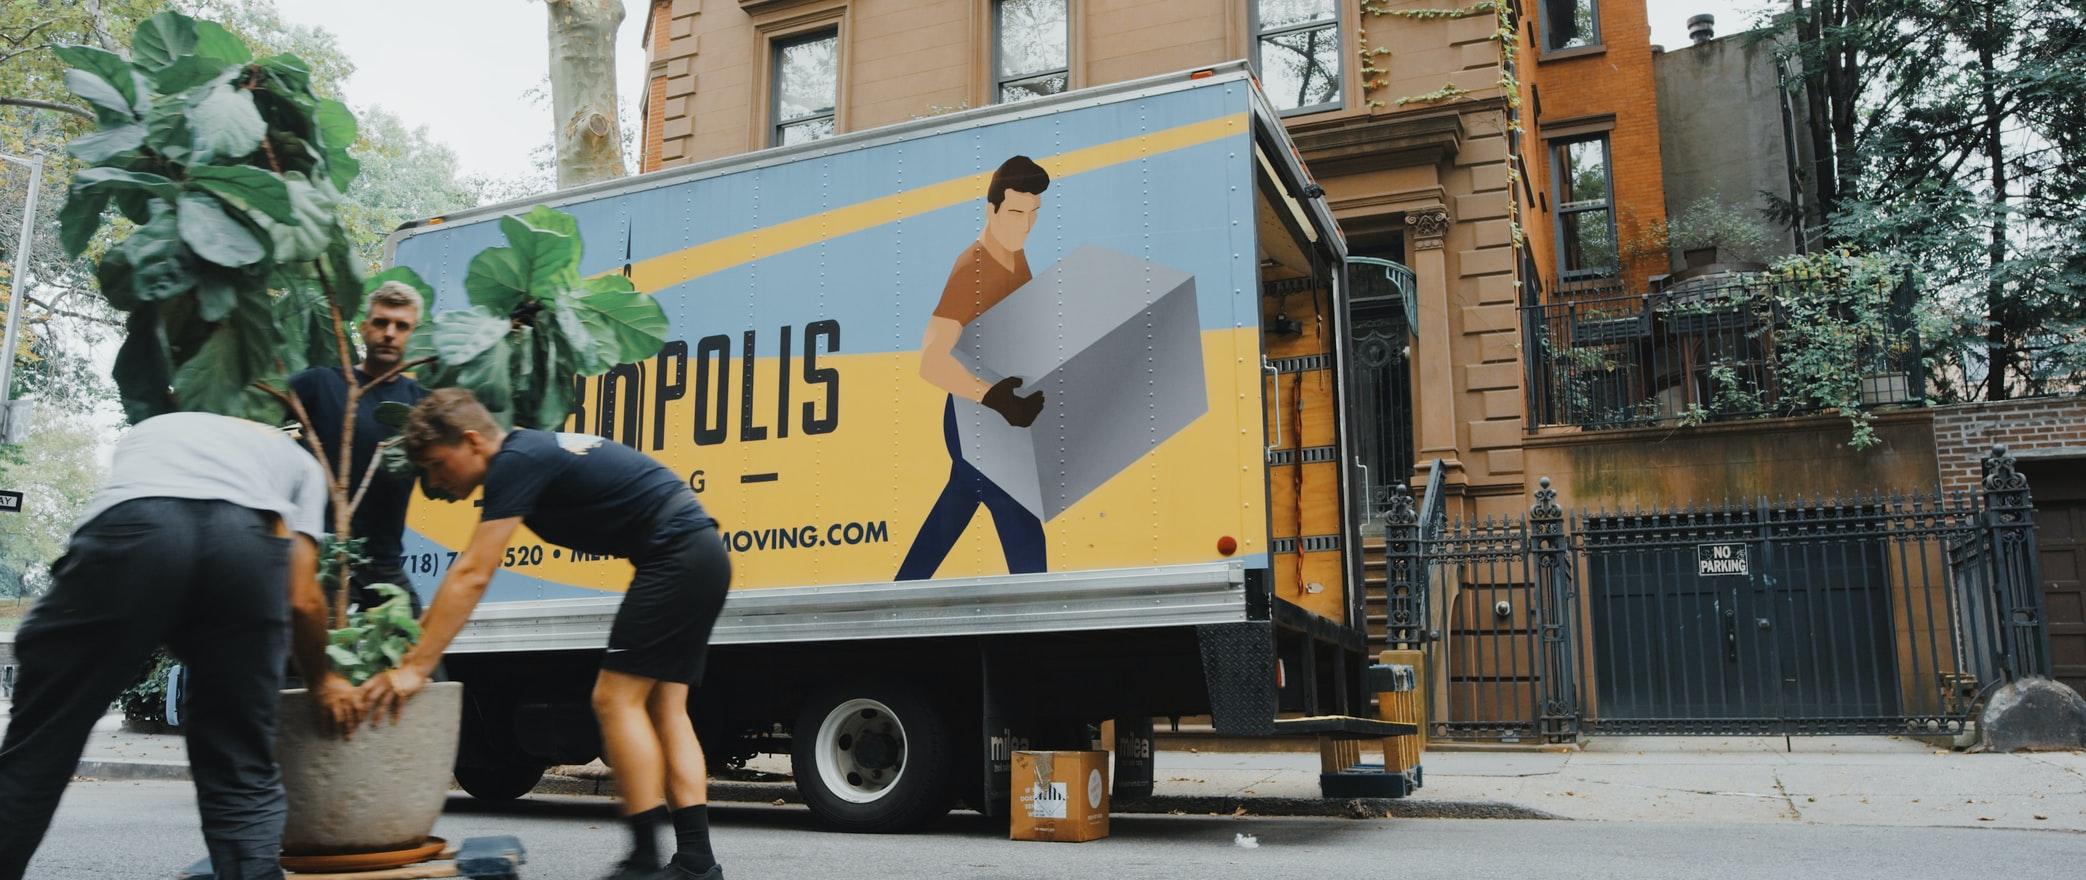 Une entreprise de déménagement dans la rue avec un camion.